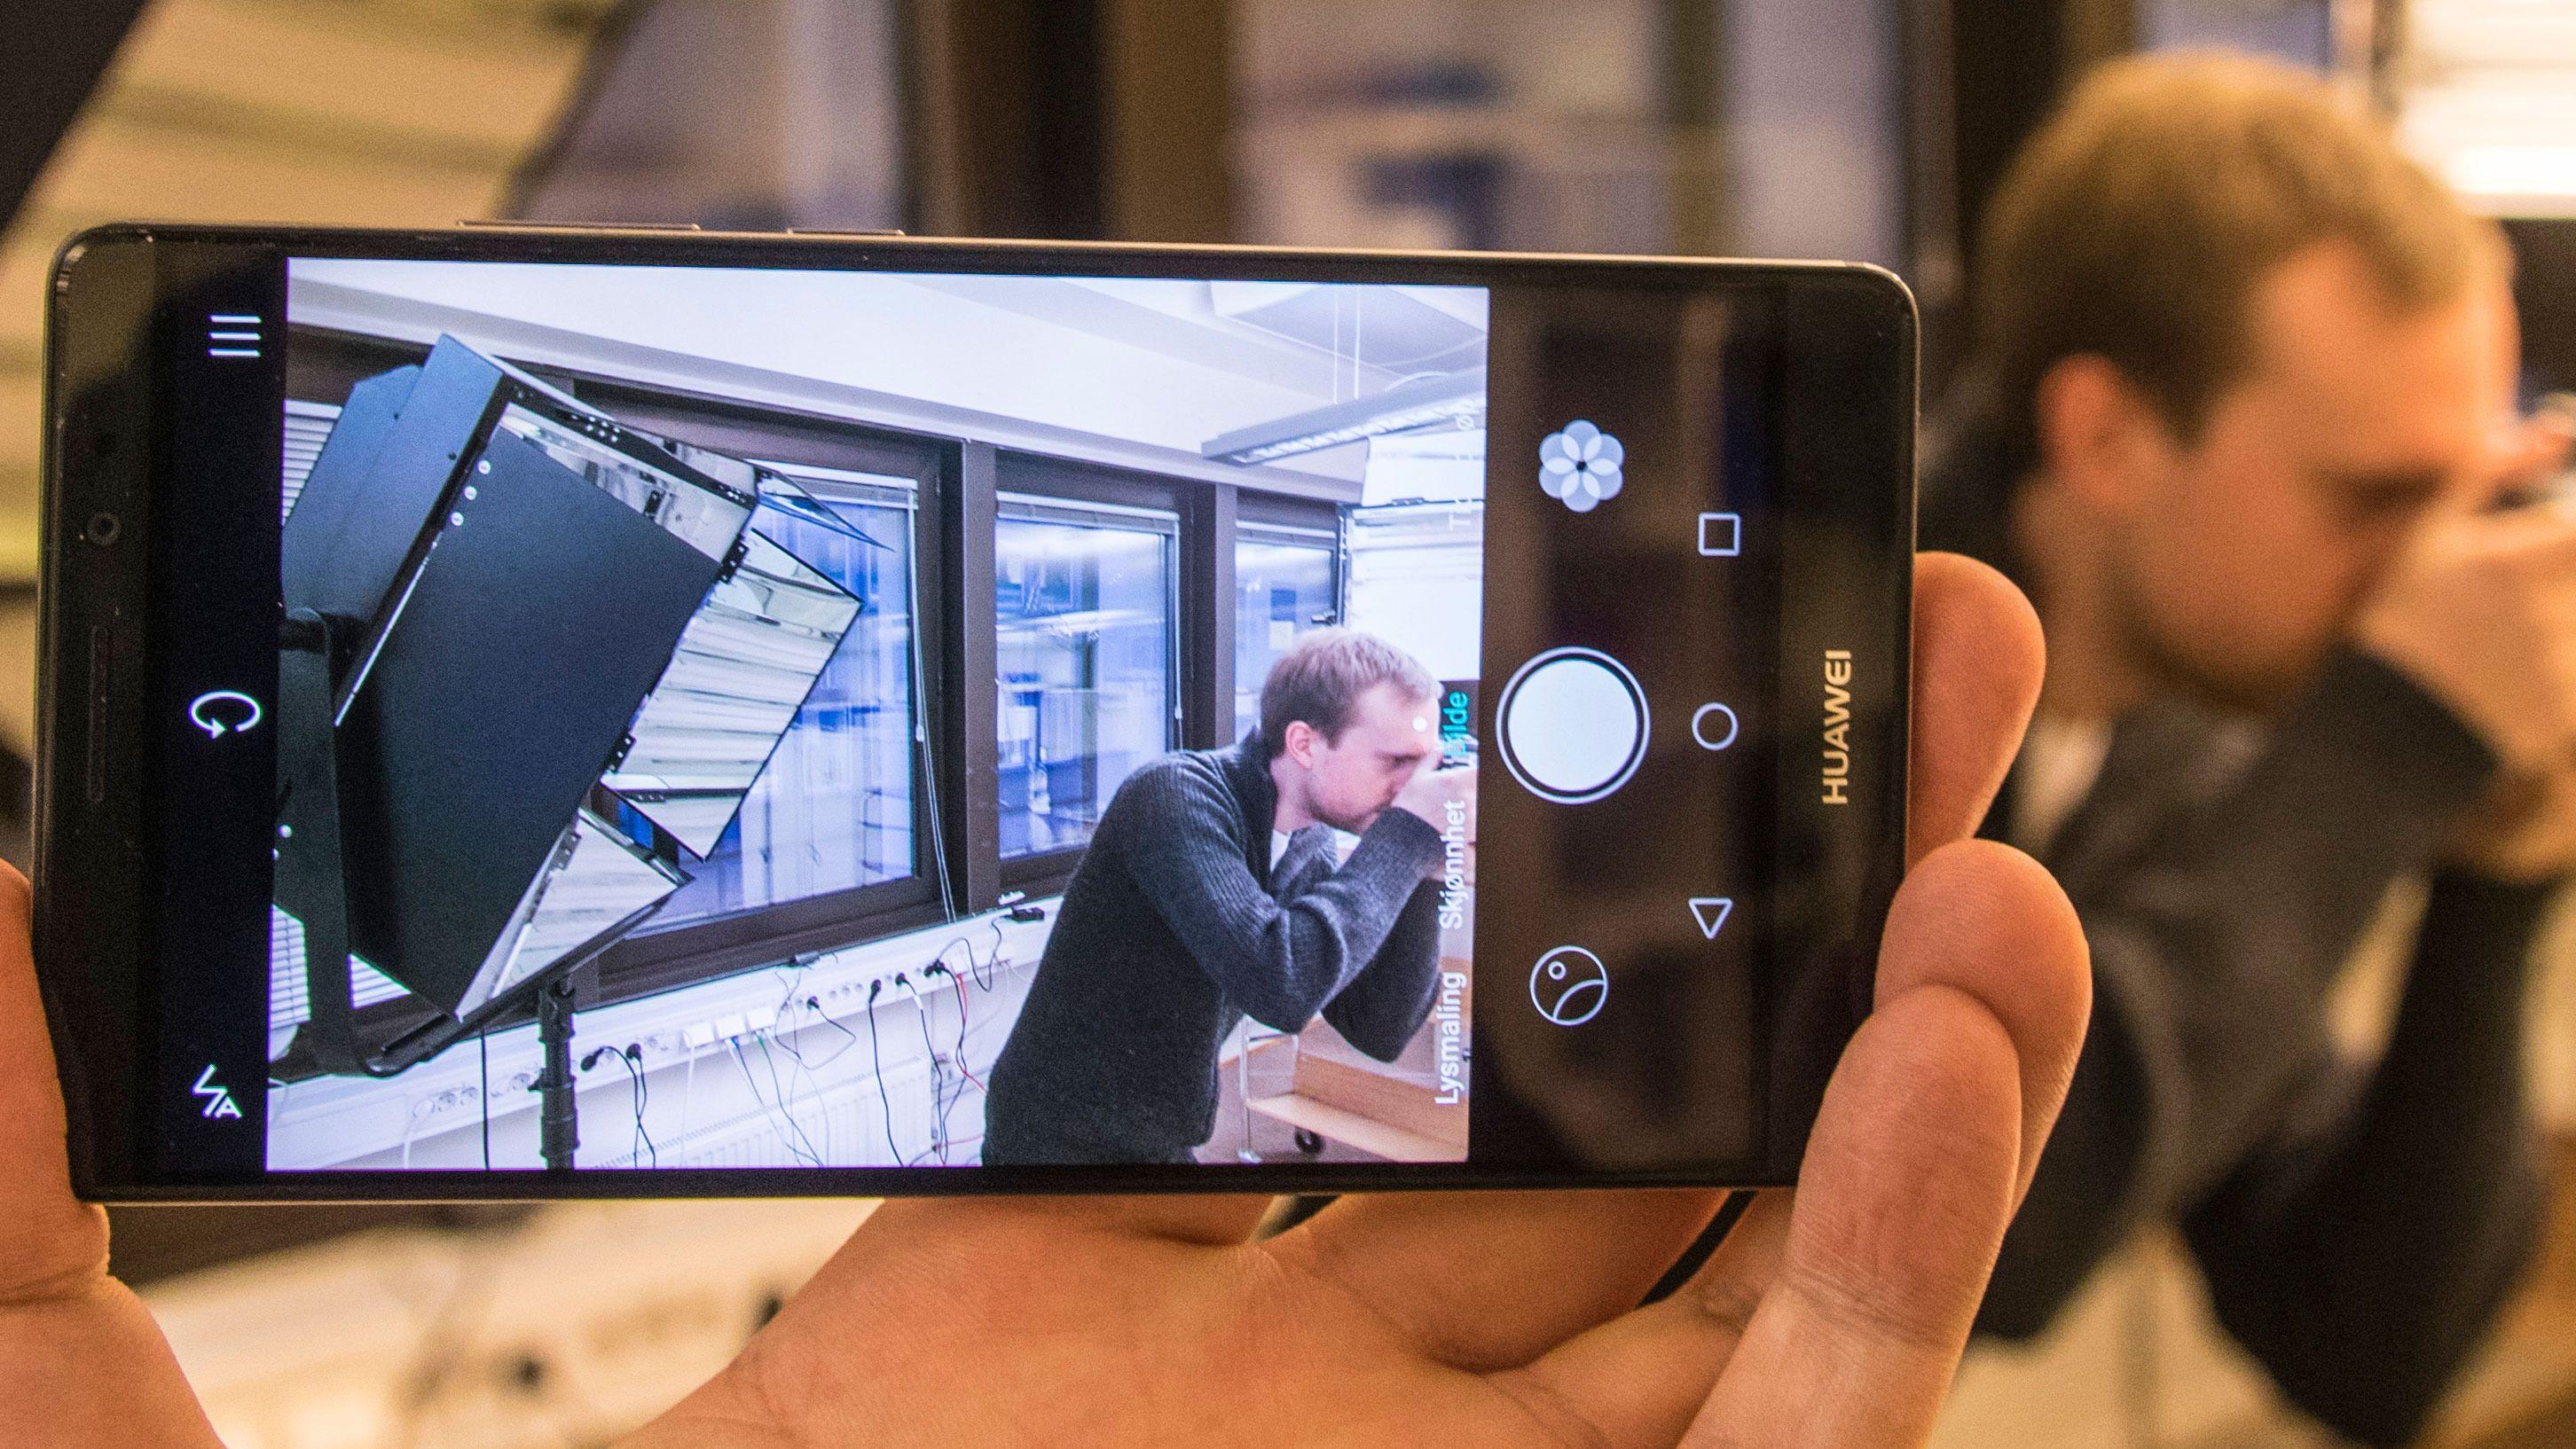 Huawei Mate 8 er rett og slett ett av de beste mobilkameraene penger kan kjøpe. Ikke er den veldig dyr heller.